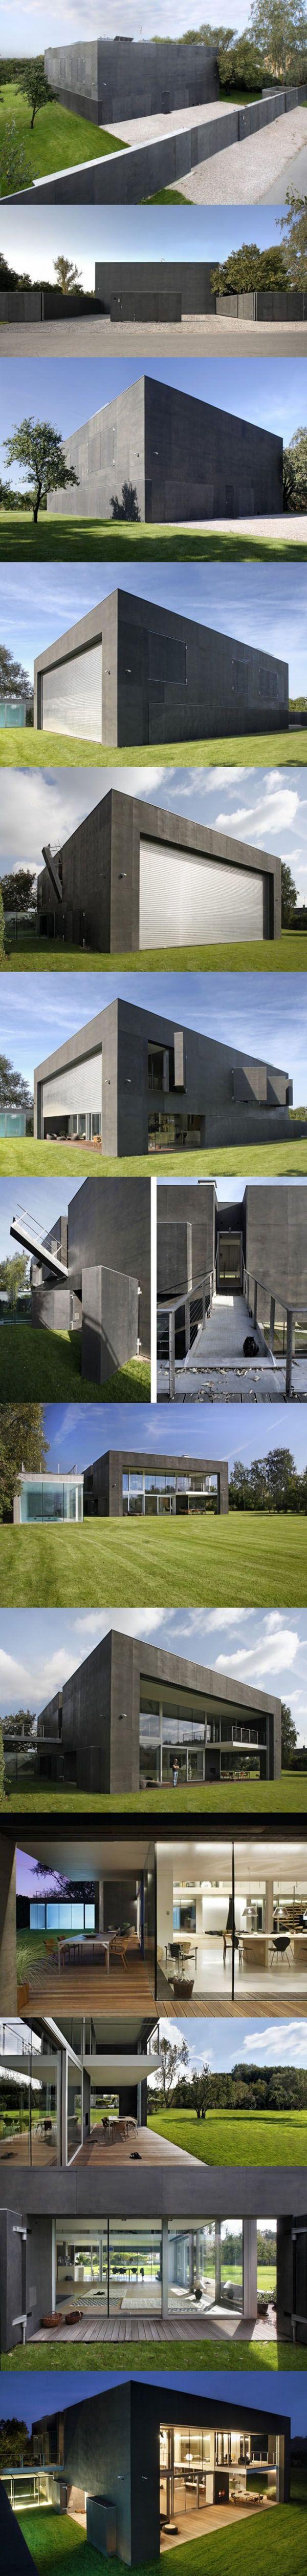 Die perfekte Wohnung während einer Zombie Apocalypse (Hat jemand Minecraft gesagt?)